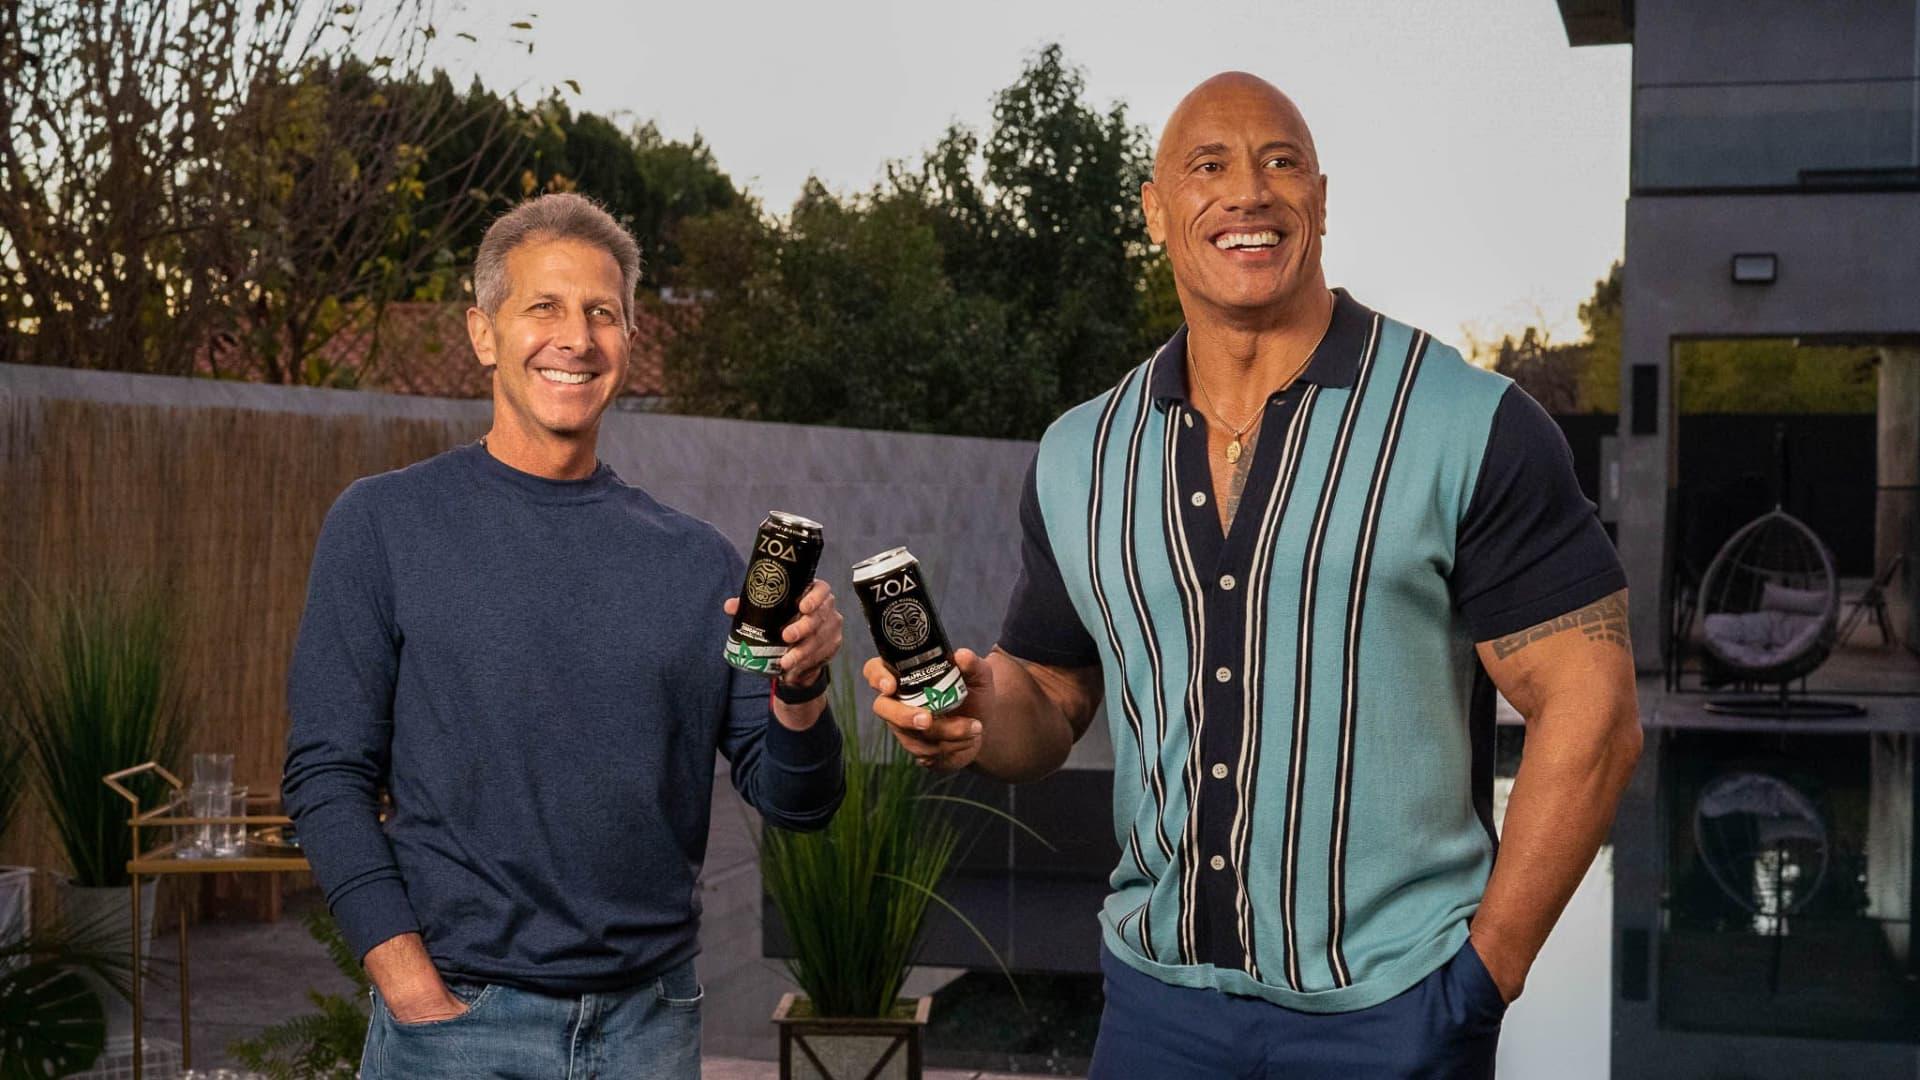 ZOA Energy co-founders John Shulman (left) and Dwayne Johnson (right)